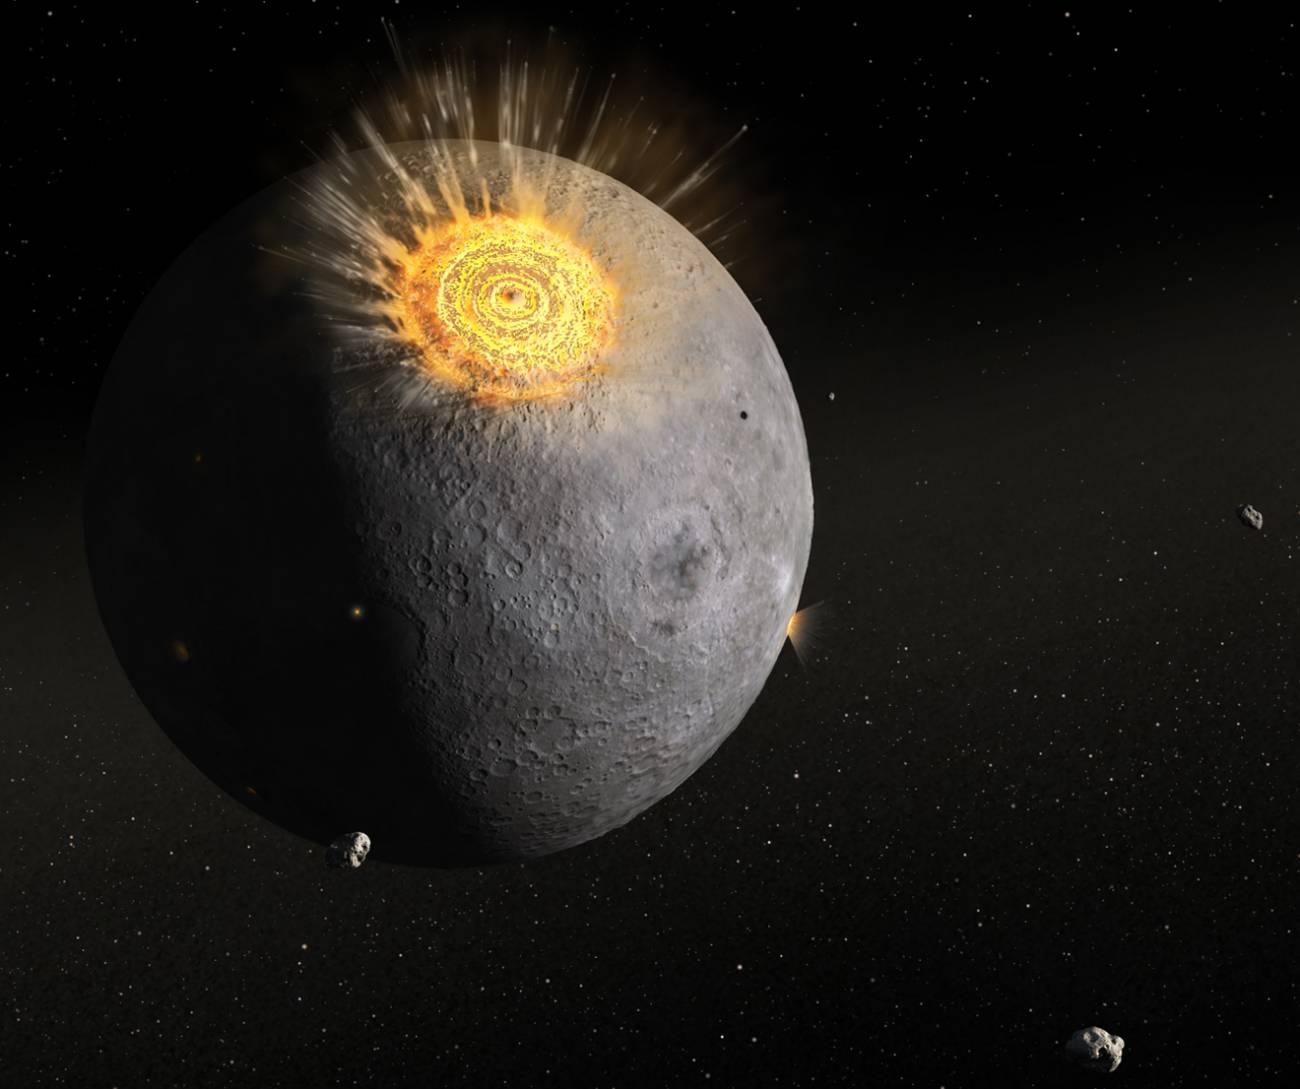 Ilustración de cómo un asteroide impacta contra la luna. Imagen: Dan Durda / FIAAA